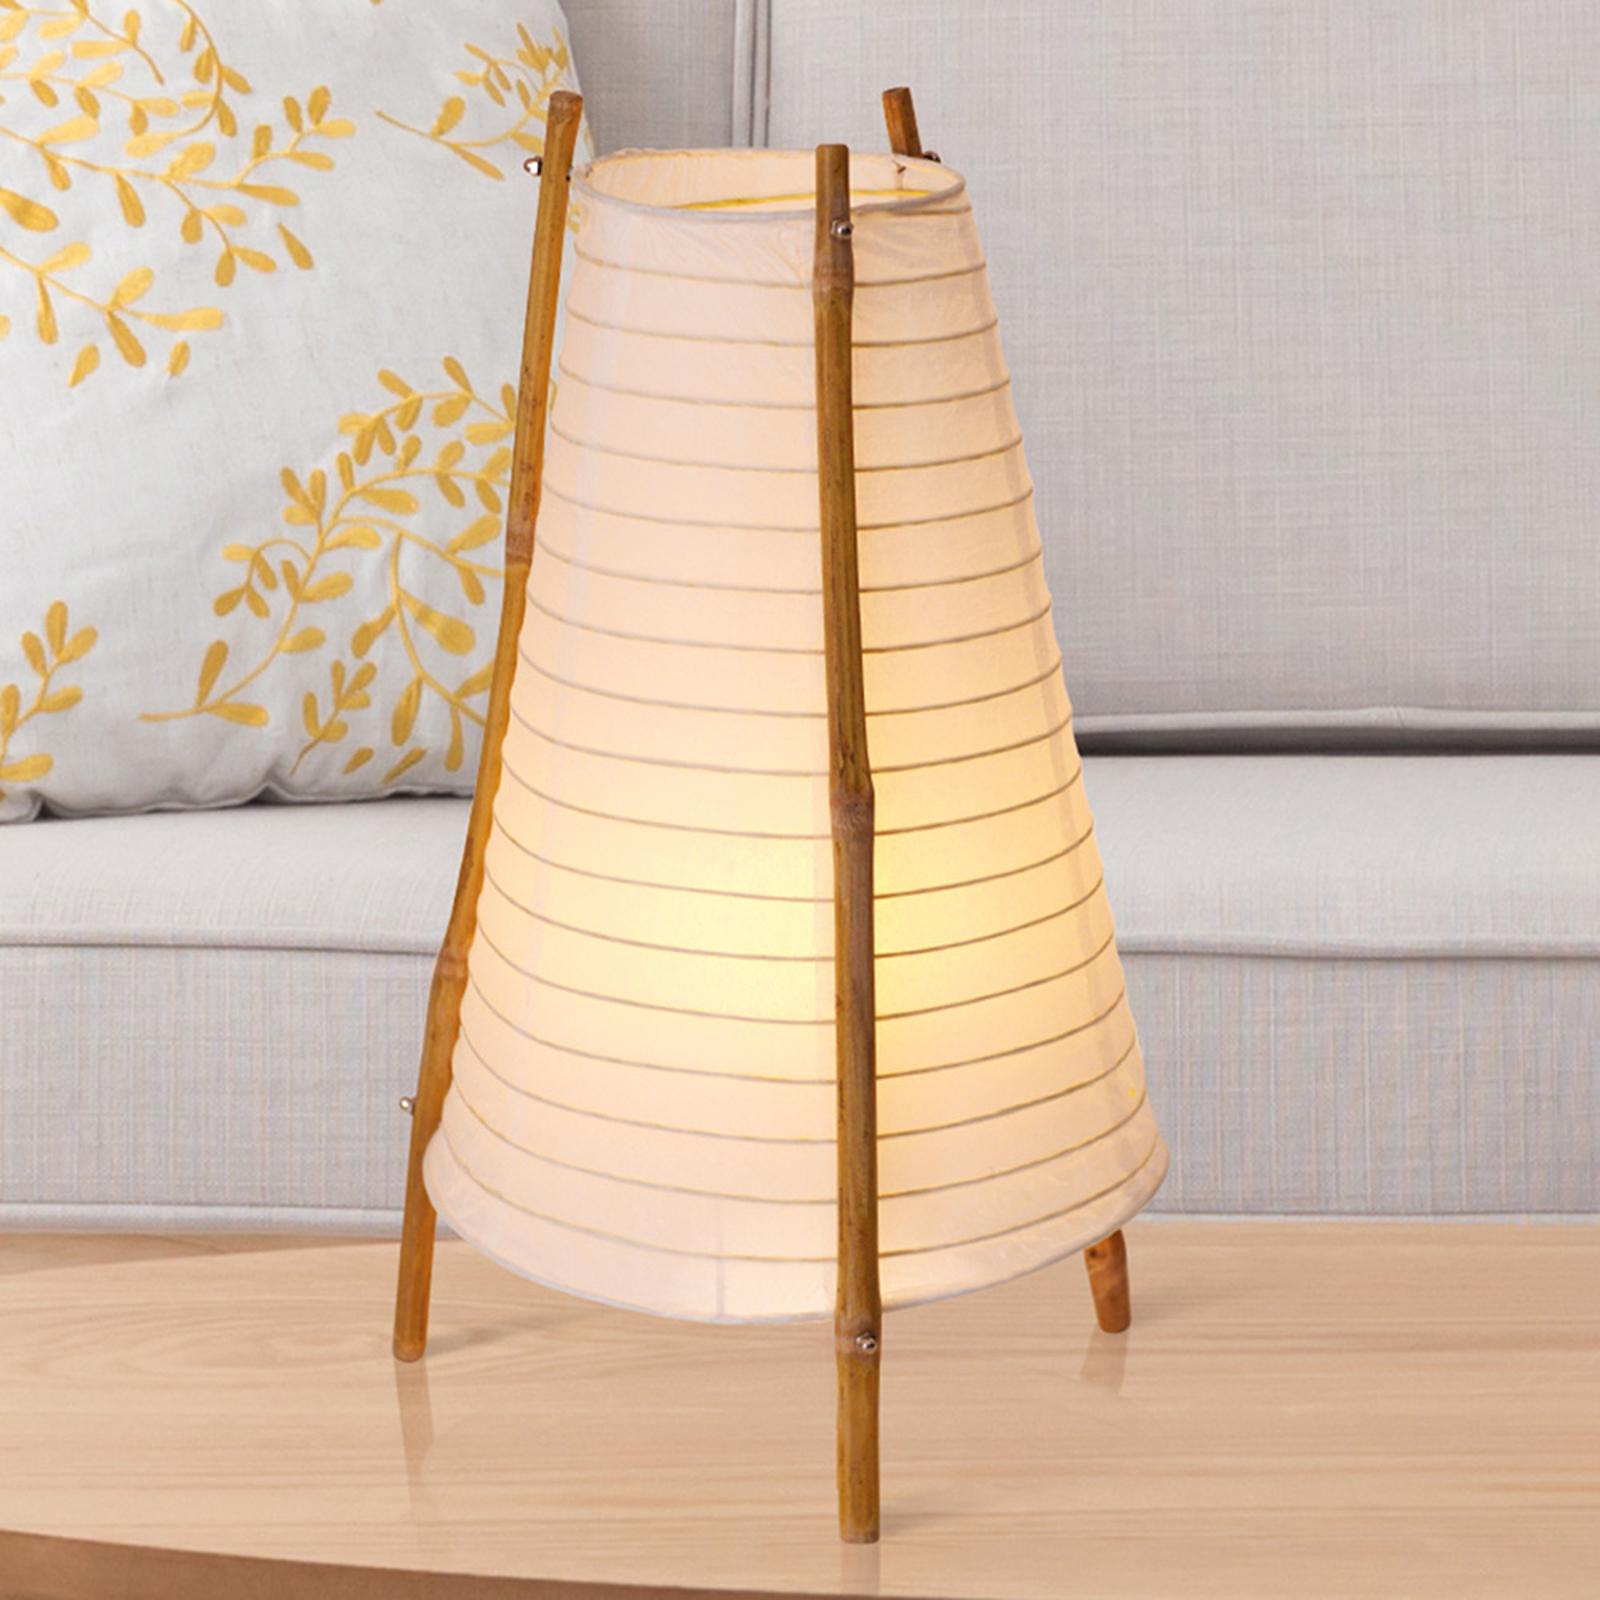 Bamboo-pöytävalaisin bambua ja paperia